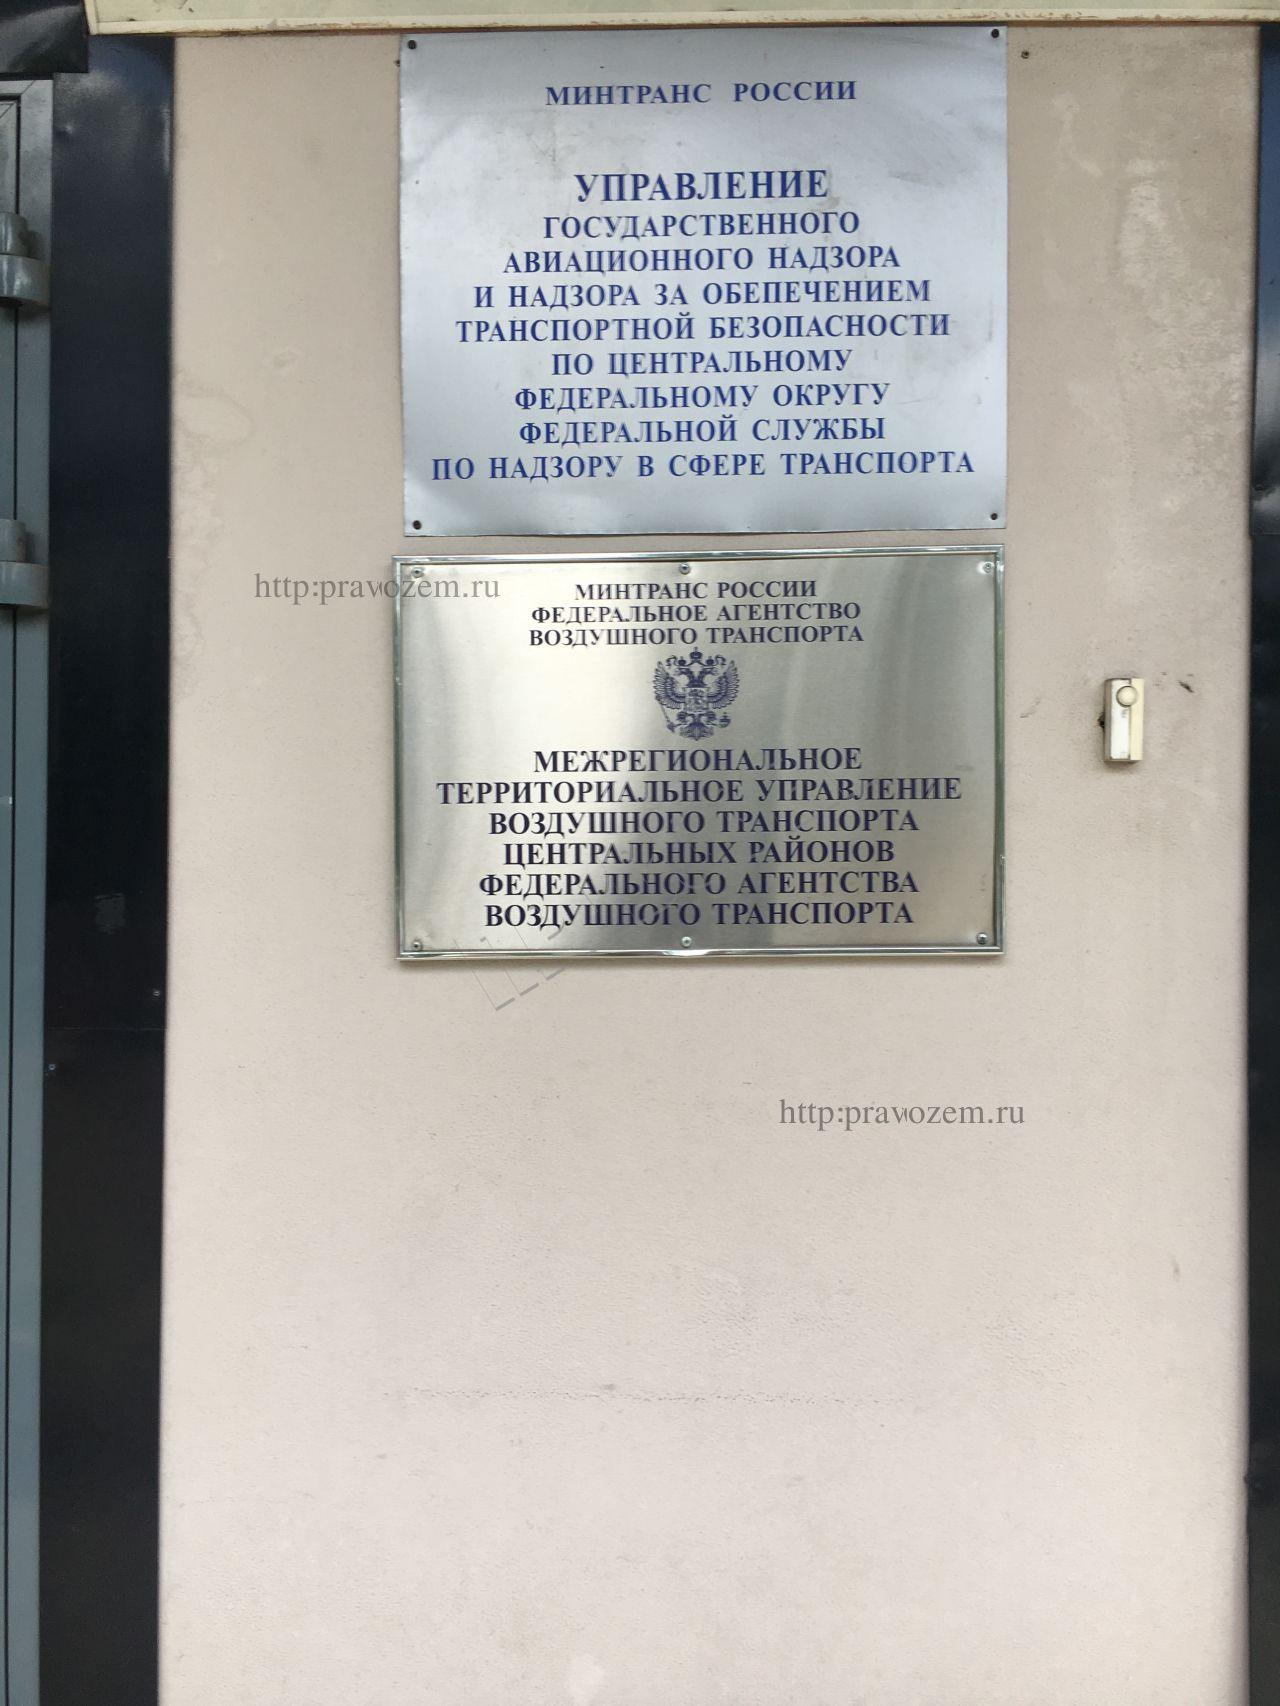 Согласование строительства с Министерством культуры и Росавиацией